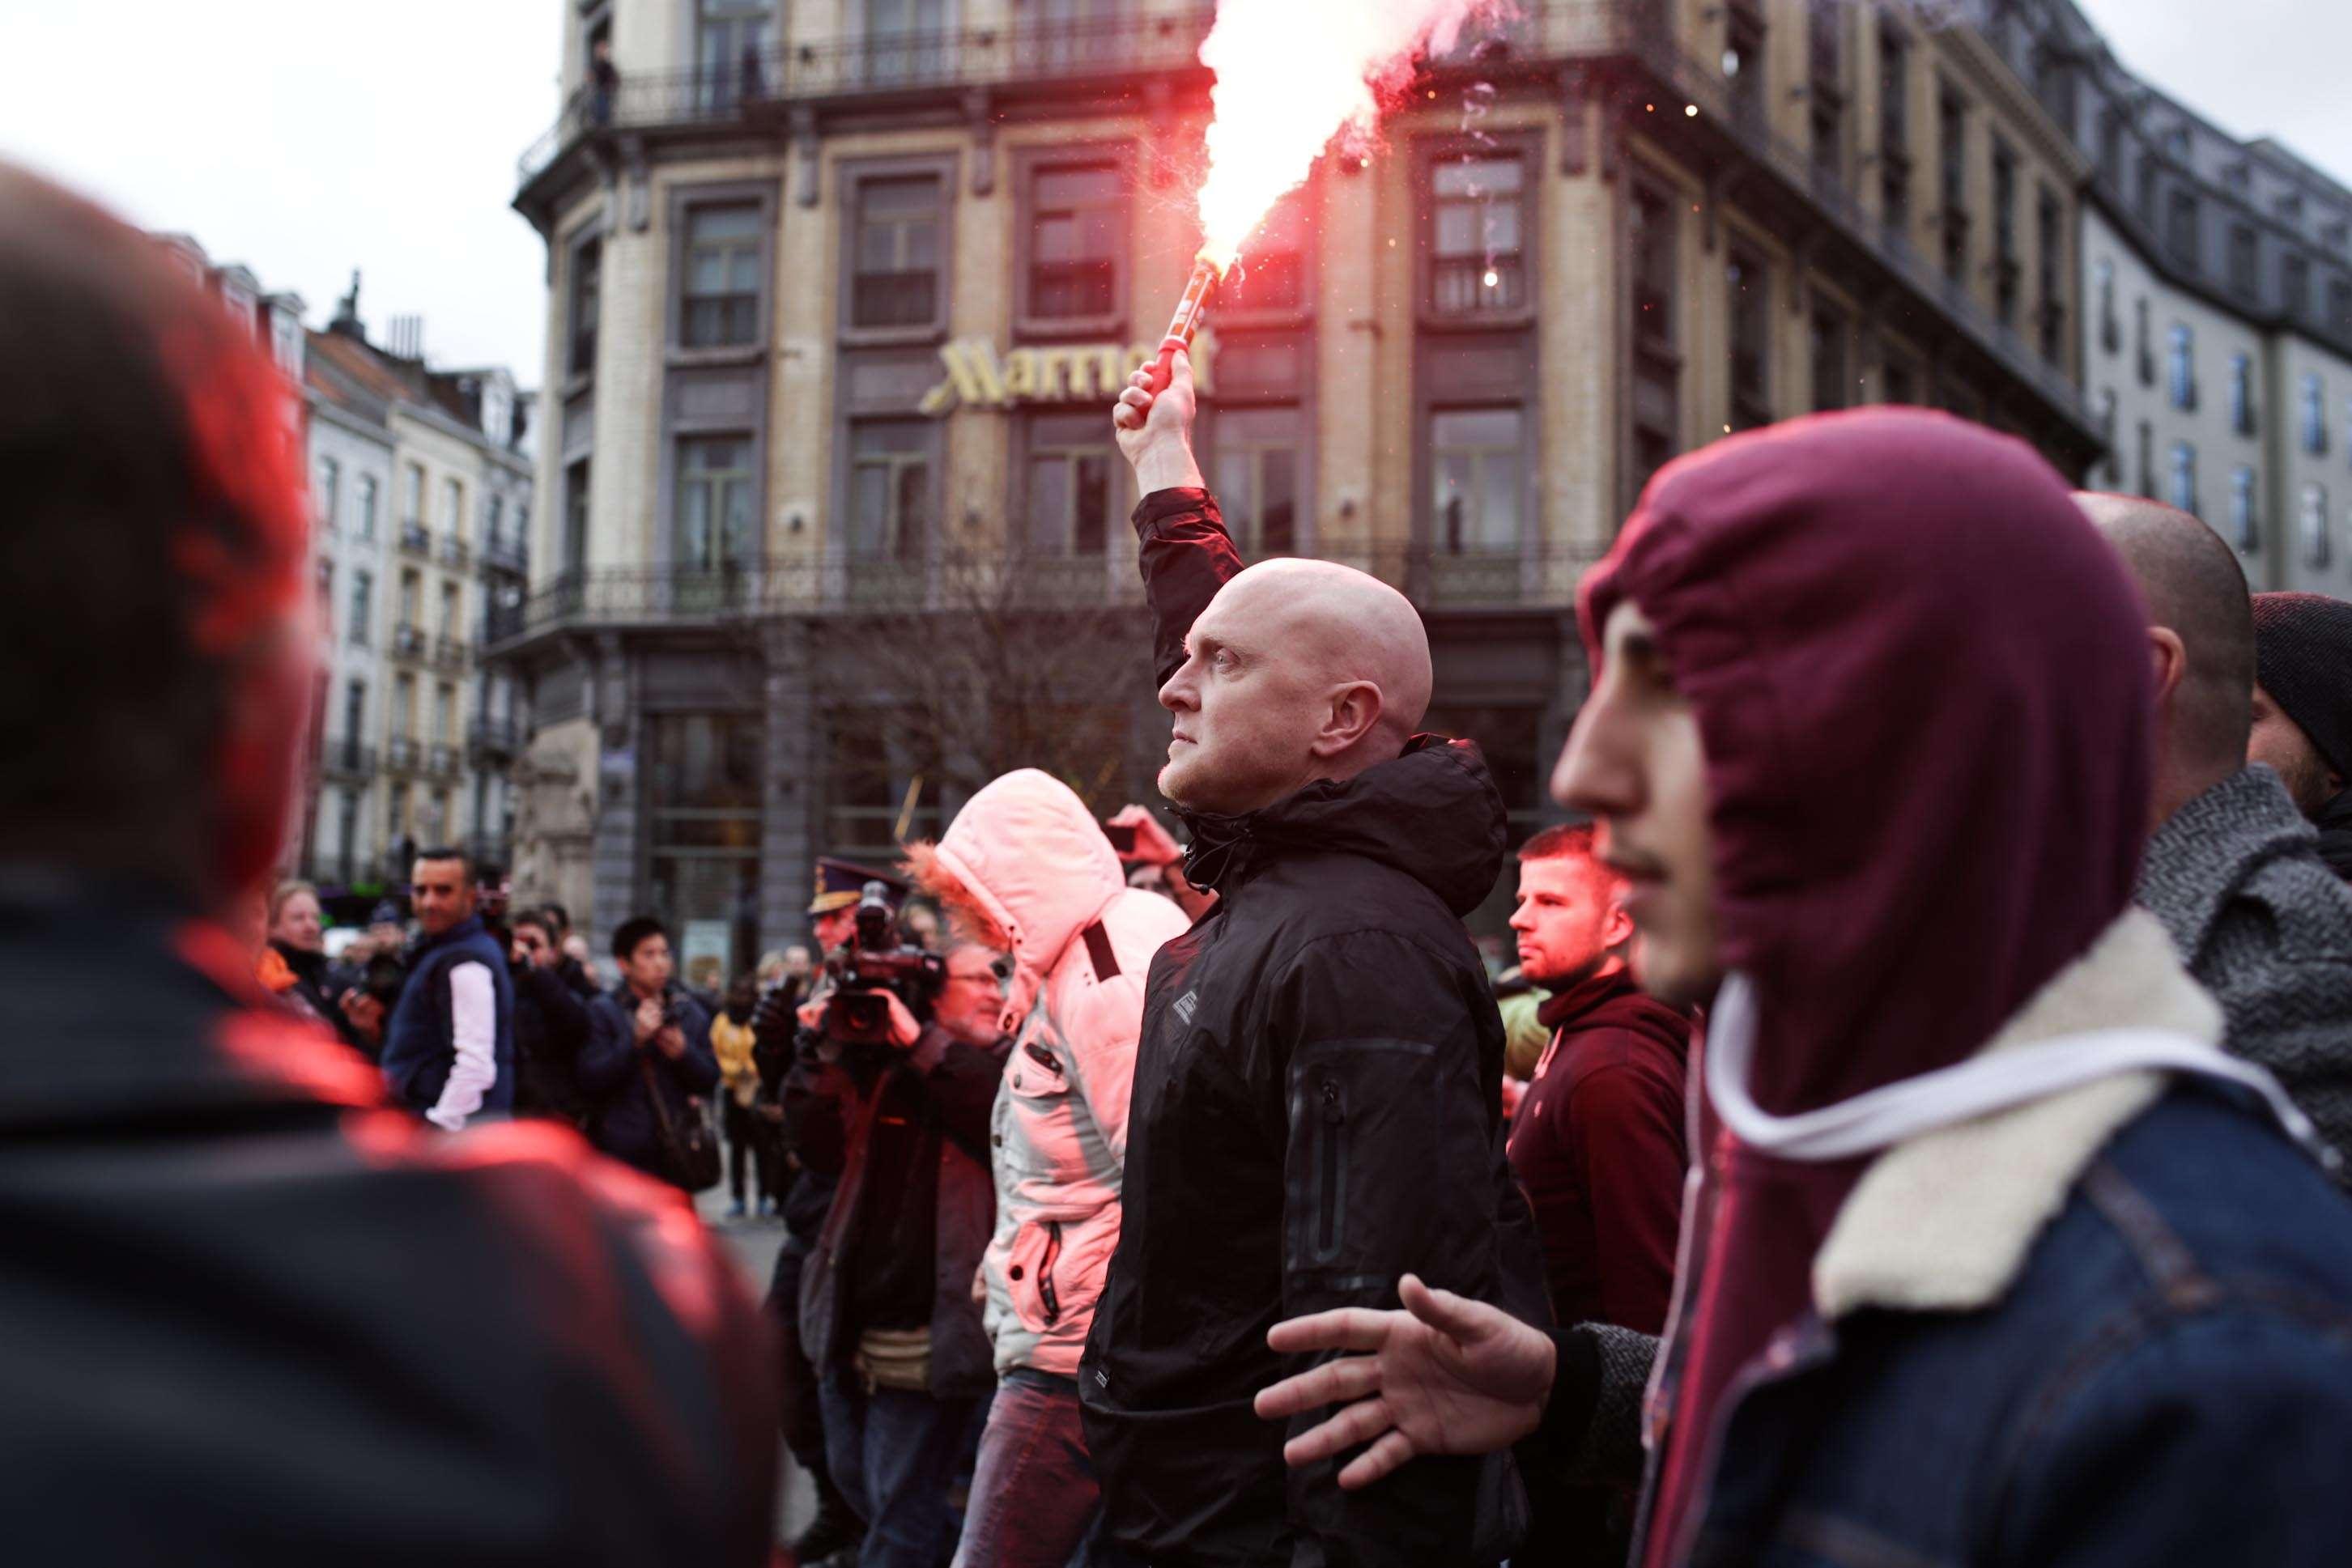 Les manifestants nationalistes, supporteurs de club de foot vraisemblablement proches de l'extrême droite ont surgi sur la place de la bourse à Bruxelles en milieu d'après-midi, dimanche 27 mars.